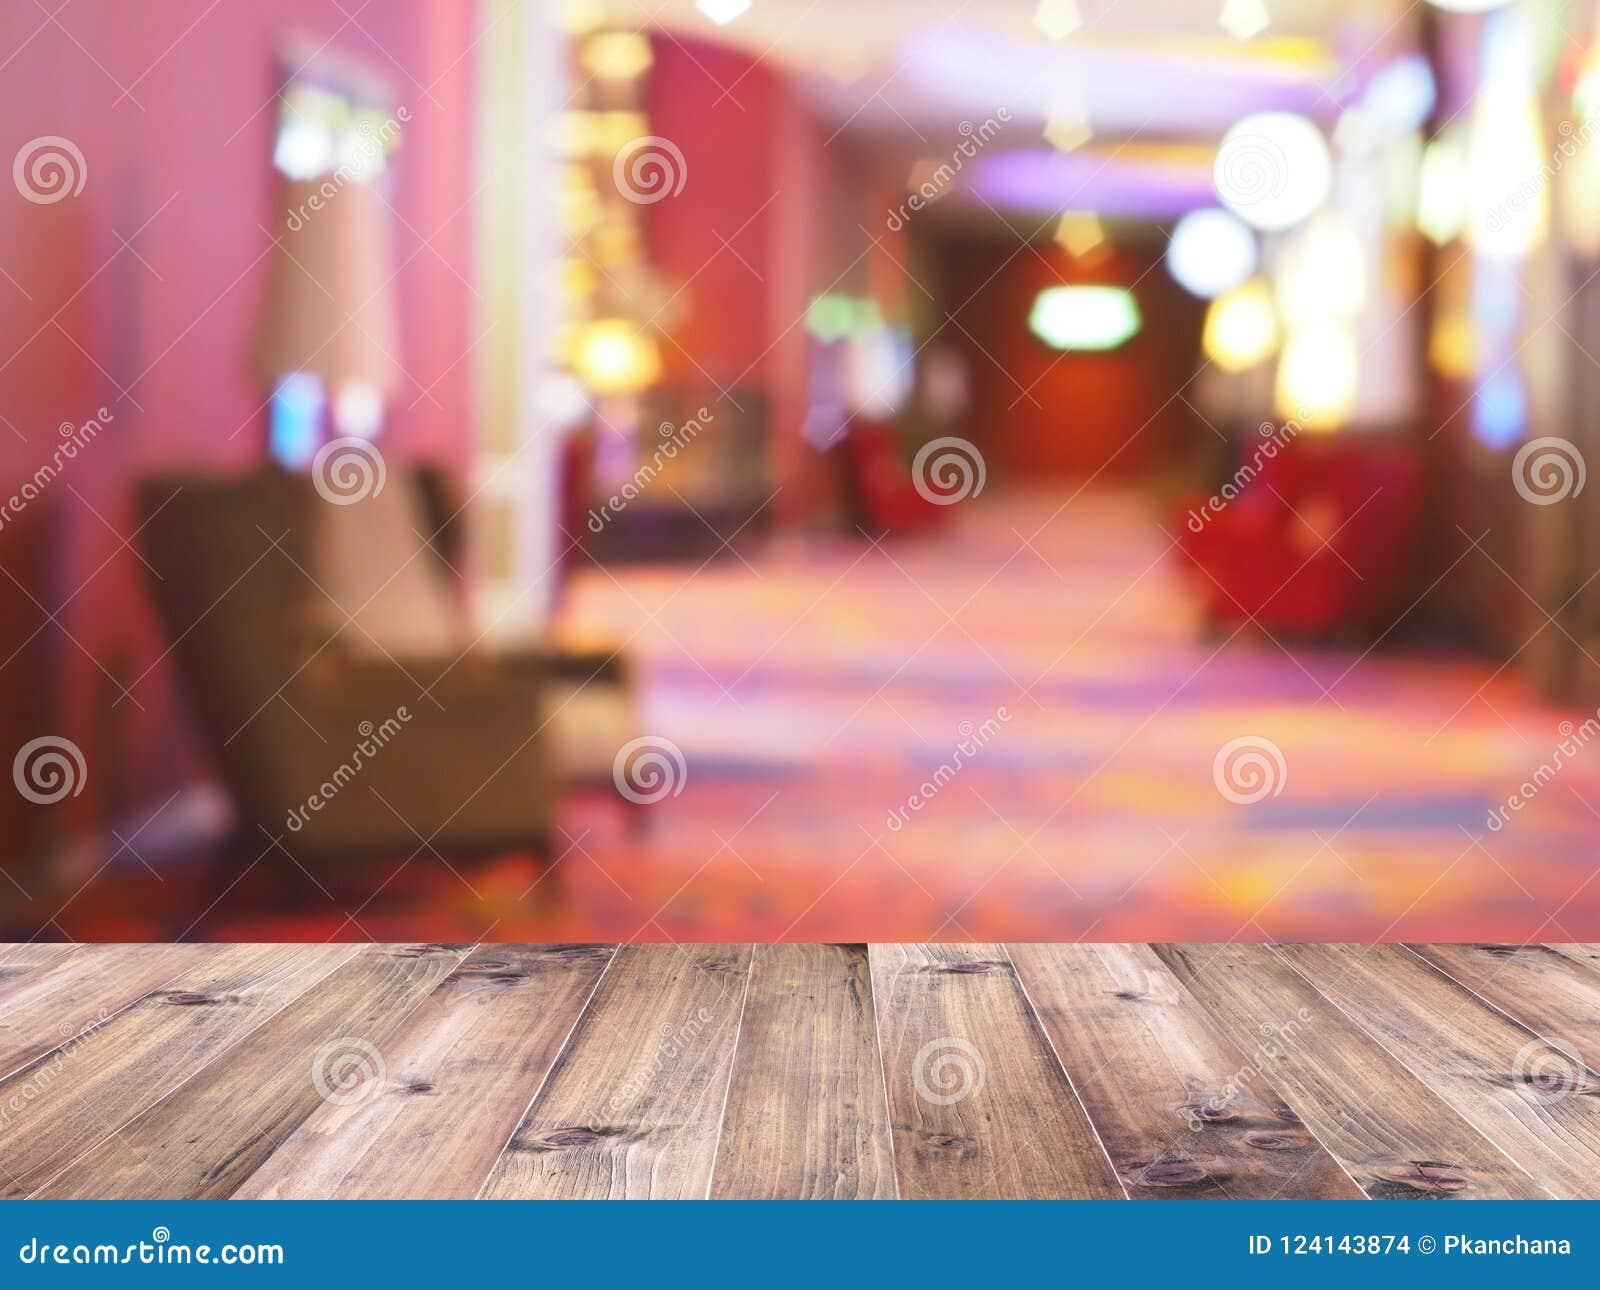 Tampo da mesa de madeira sobre o fundo do borrão do interior da sala de espera